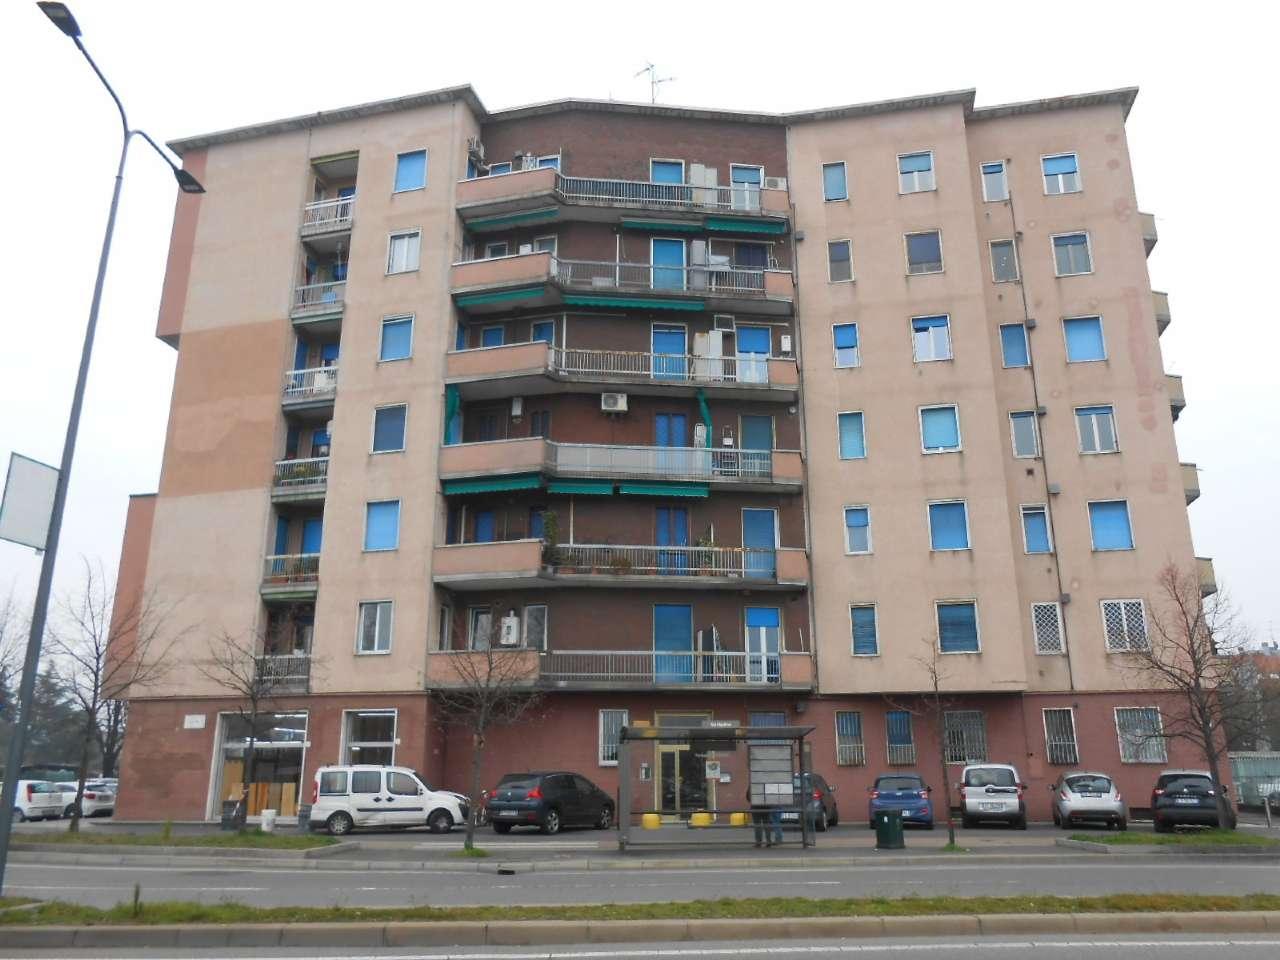 Appartamento in vendita a Vimodrone, 1 locali, prezzo € 115.000 | PortaleAgenzieImmobiliari.it